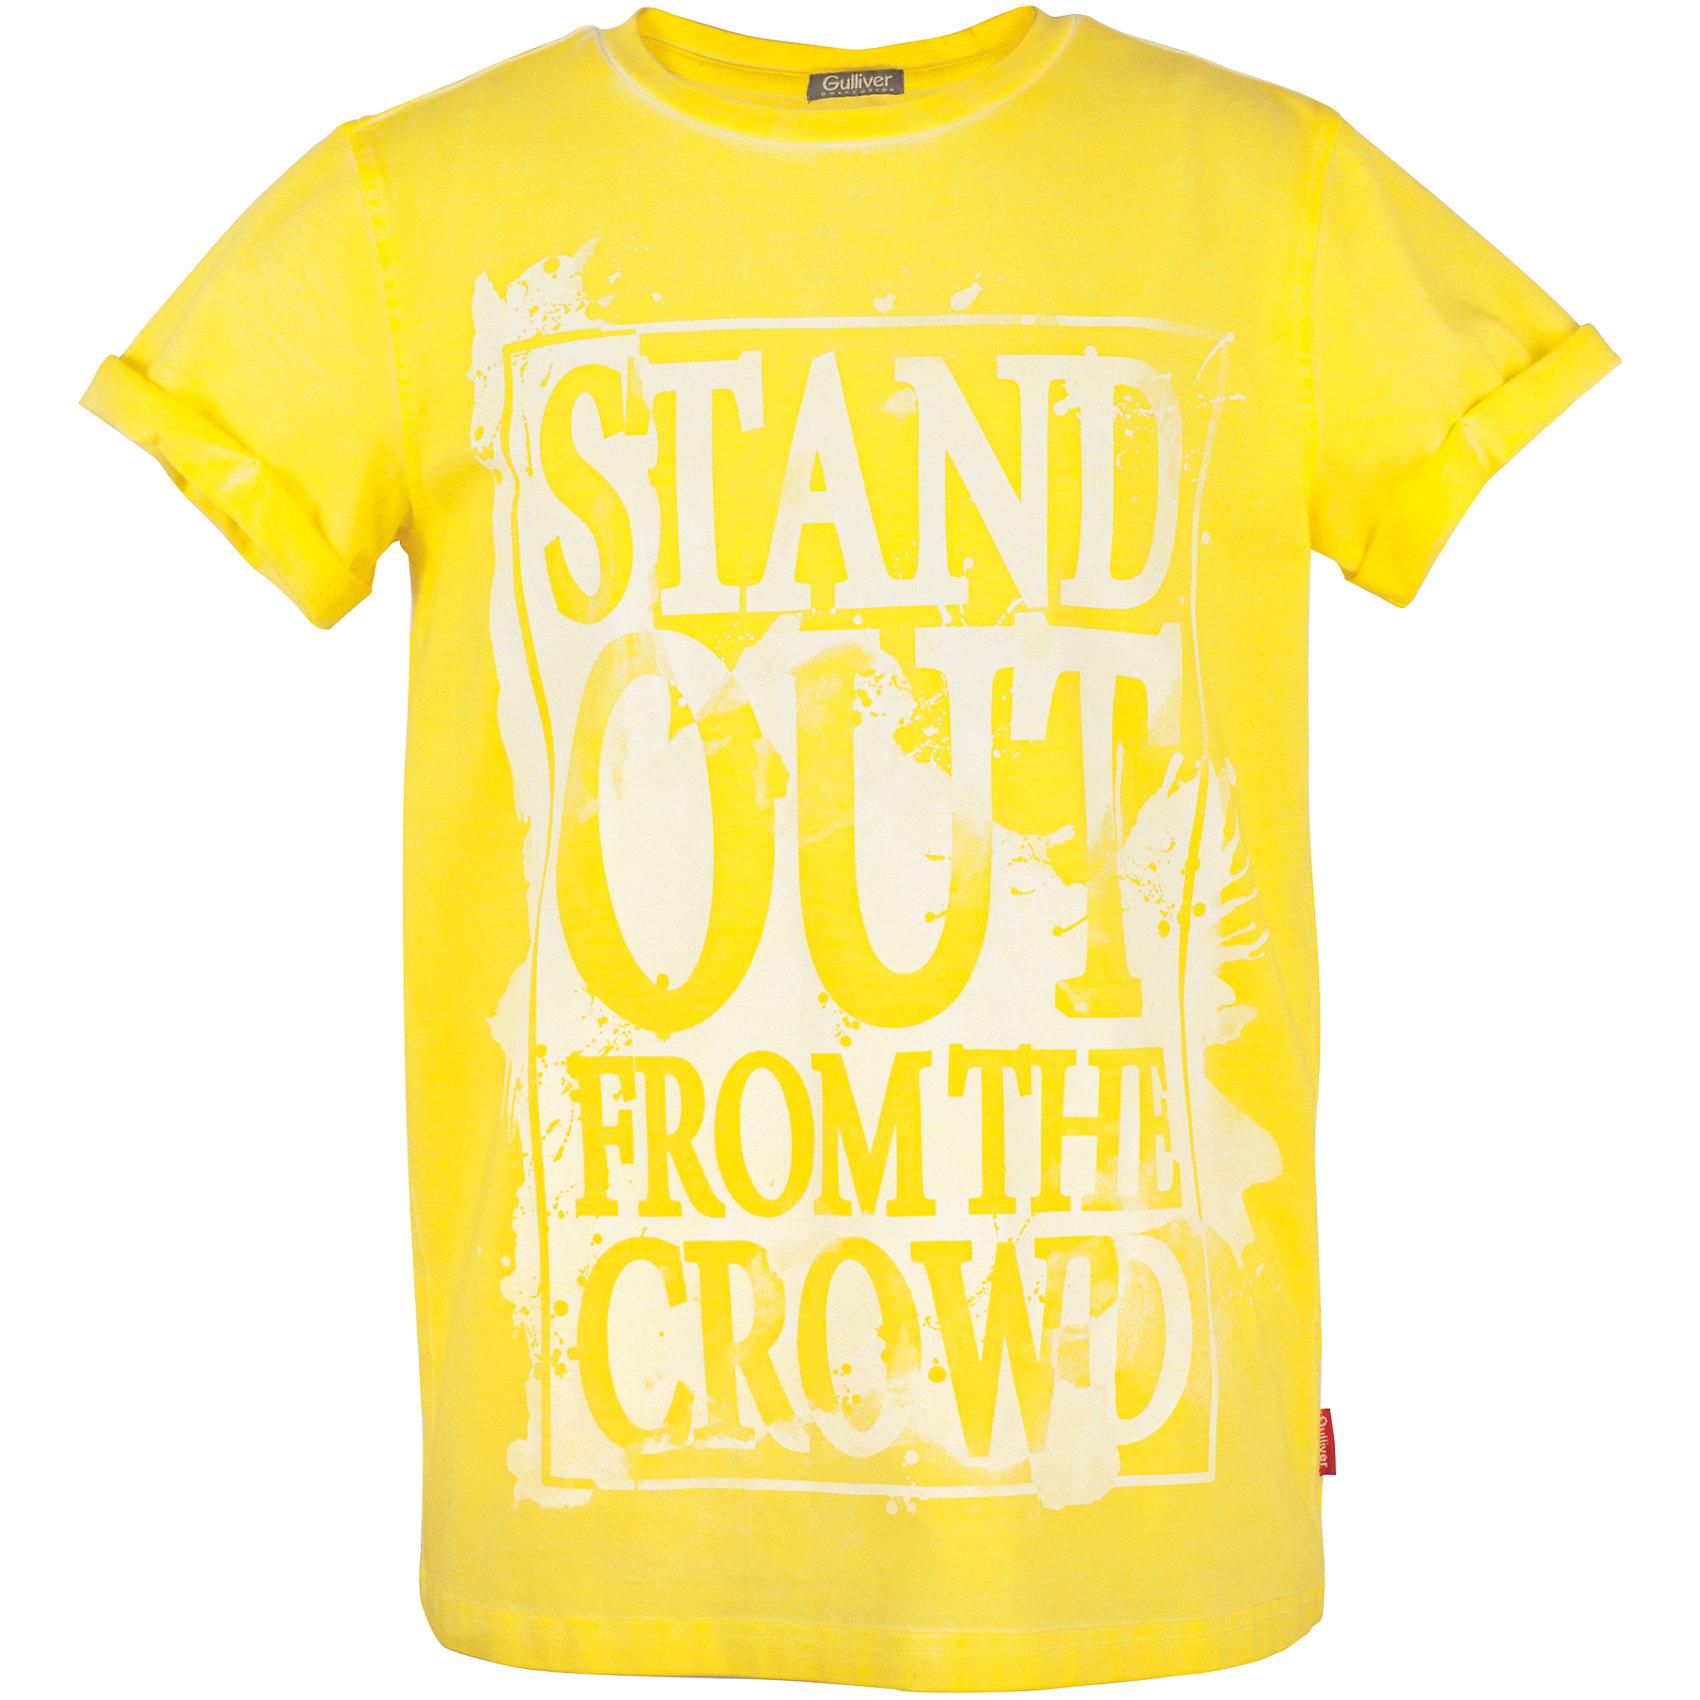 Футболка для мальчика GulliverФутболки, поло и топы<br>Модные цветные футболки должны быть в летнем гардеробе подростка. Они способны повысить настроение и сделать каждый день ярким и комфортным! Желтая футболка для мальчика из коллекции Какаду - лучший пример футболки с рисунком: оригинальный декор, выполненный в технике принта делает изделие новым и оригинальным. Футболка выглядит стильно, эффектно, интересно. Если вы решили обновить летний гардероб ребенка и купить модные футболки для лета, помните - цветная футболка для мальчика с принтом  прекрасно дополнит собой любые джинсы, шорты, брюки, создав отличный современный образ.<br>Состав:<br>95% хлопок      5% эластан<br><br>Ширина мм: 199<br>Глубина мм: 10<br>Высота мм: 161<br>Вес г: 151<br>Цвет: желтый<br>Возраст от месяцев: 156<br>Возраст до месяцев: 168<br>Пол: Мужской<br>Возраст: Детский<br>Размер: 164,146,152,158<br>SKU: 5483267